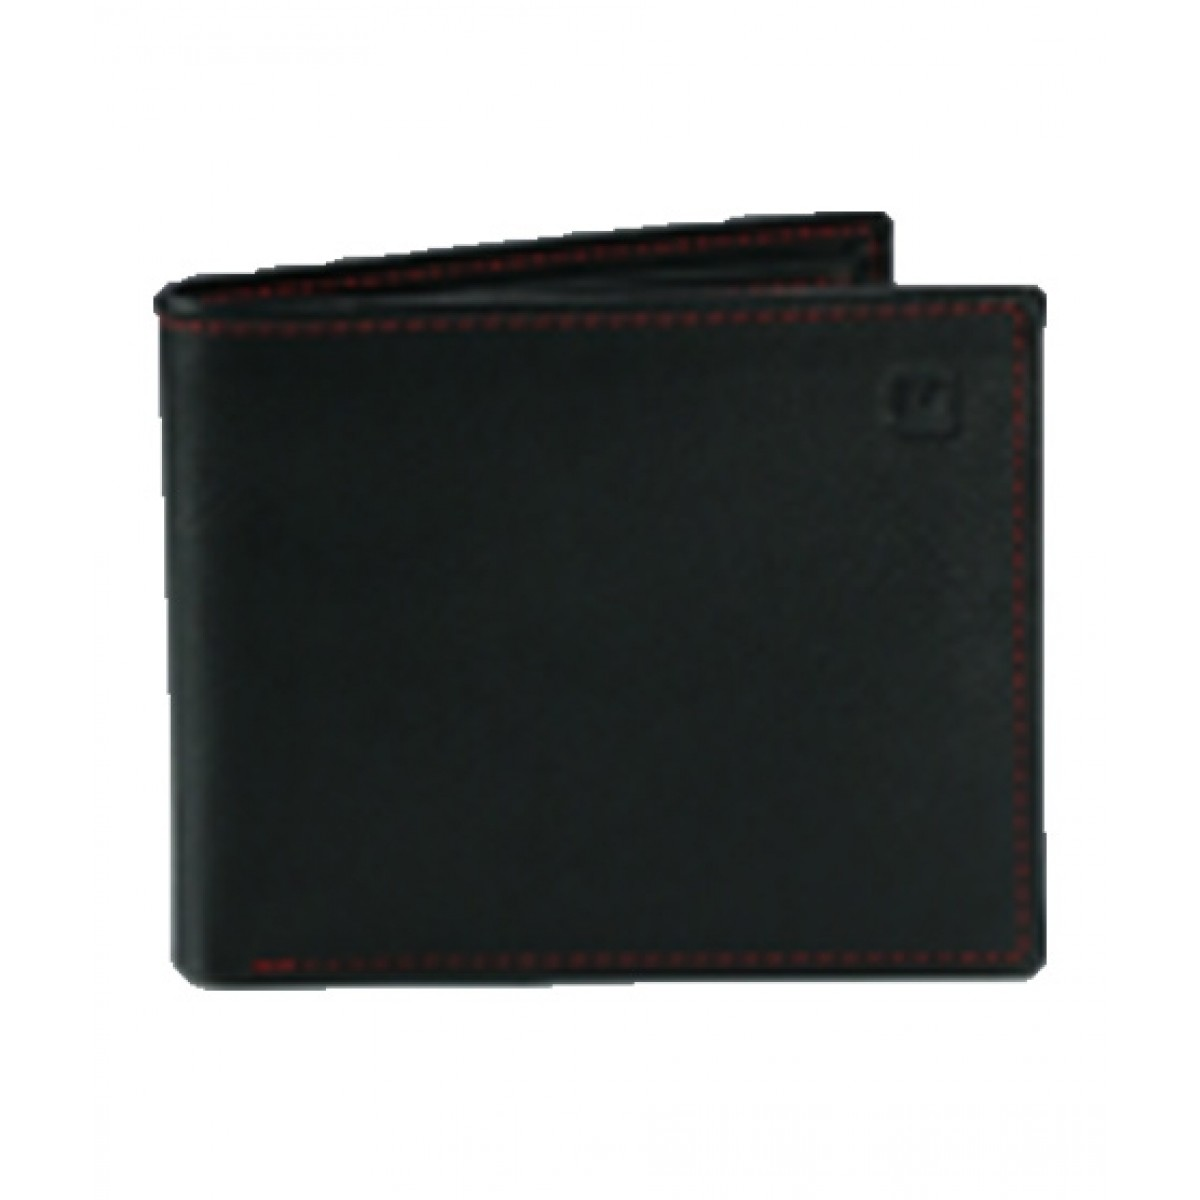 Al Medina Store Dunbollu Leather Wallet For Men Black